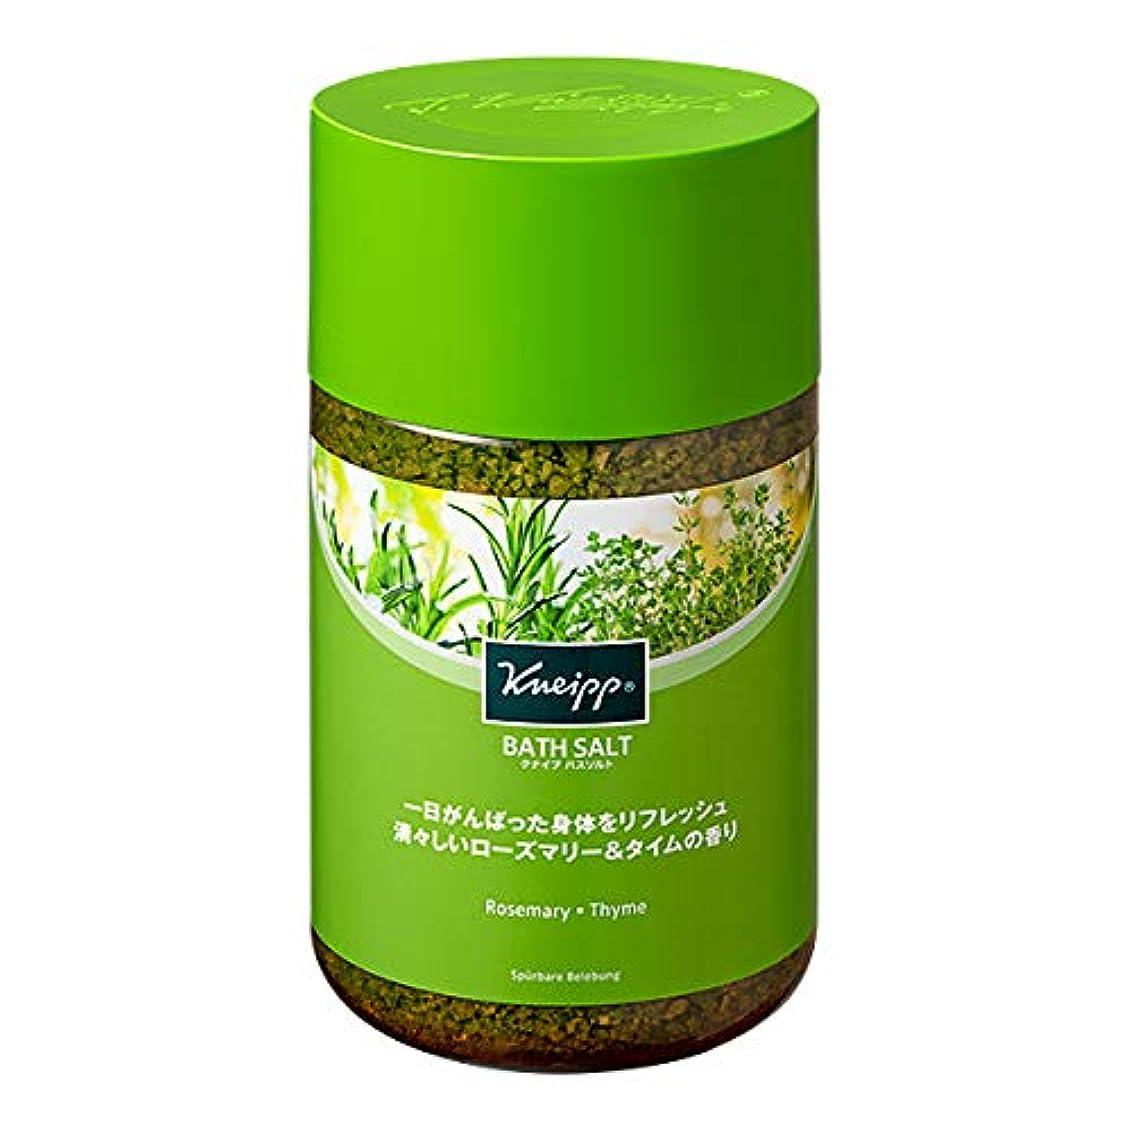 単語円形エリートクナイプ(Kneipp) クナイプ バスソルト ローズマリー&タイムの香り850g 入浴剤